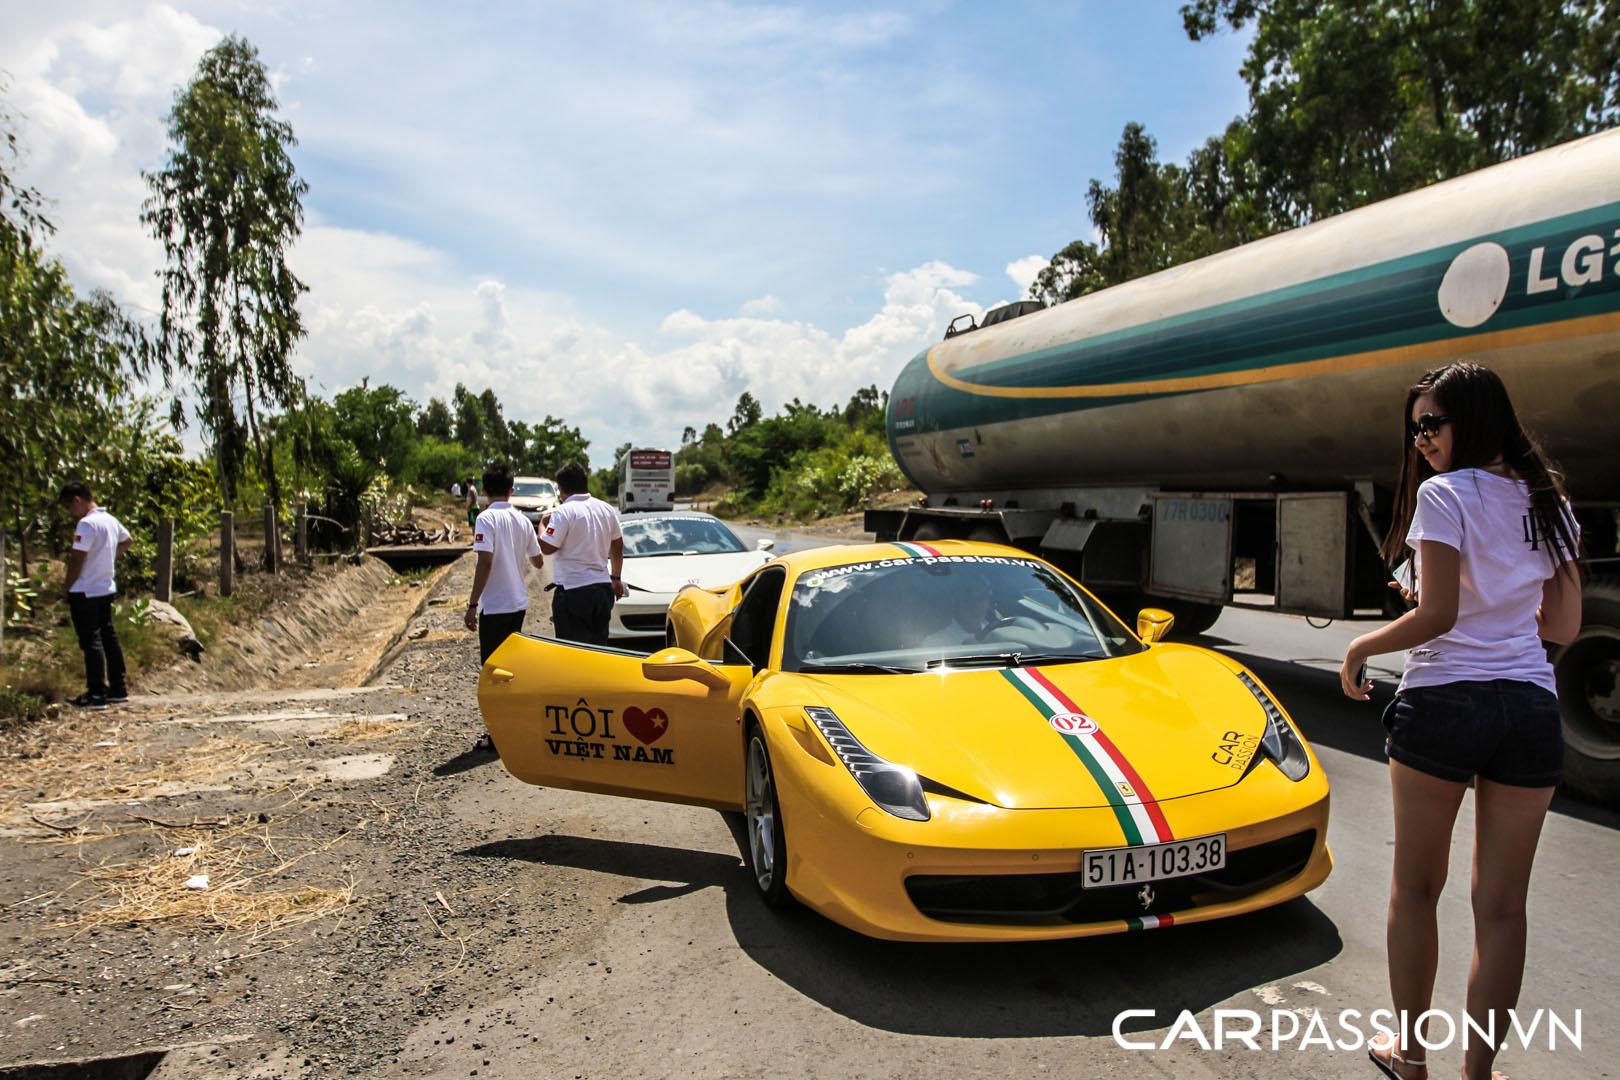 CP-Hành trình siêu xe CarPassion 2011 Day 3 (236).jpg